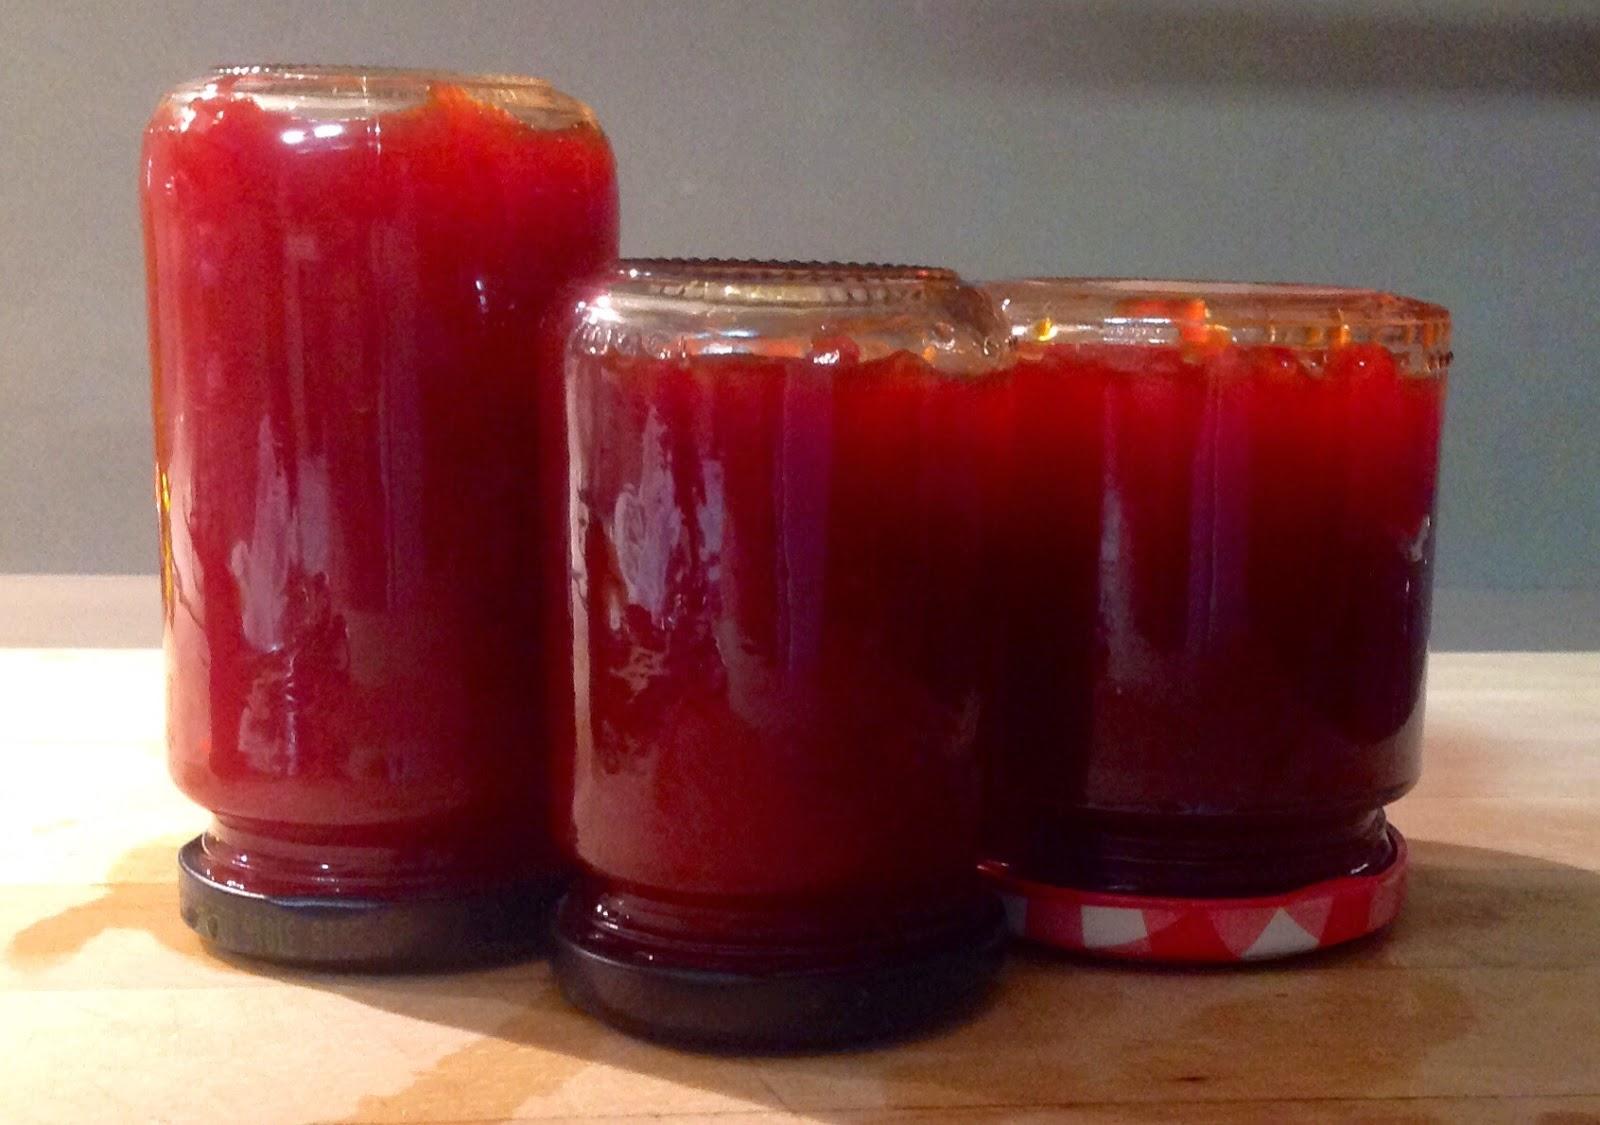 Mermelada de pimientos rojos cocina sastre - Mermelada de pimientos rojos ...